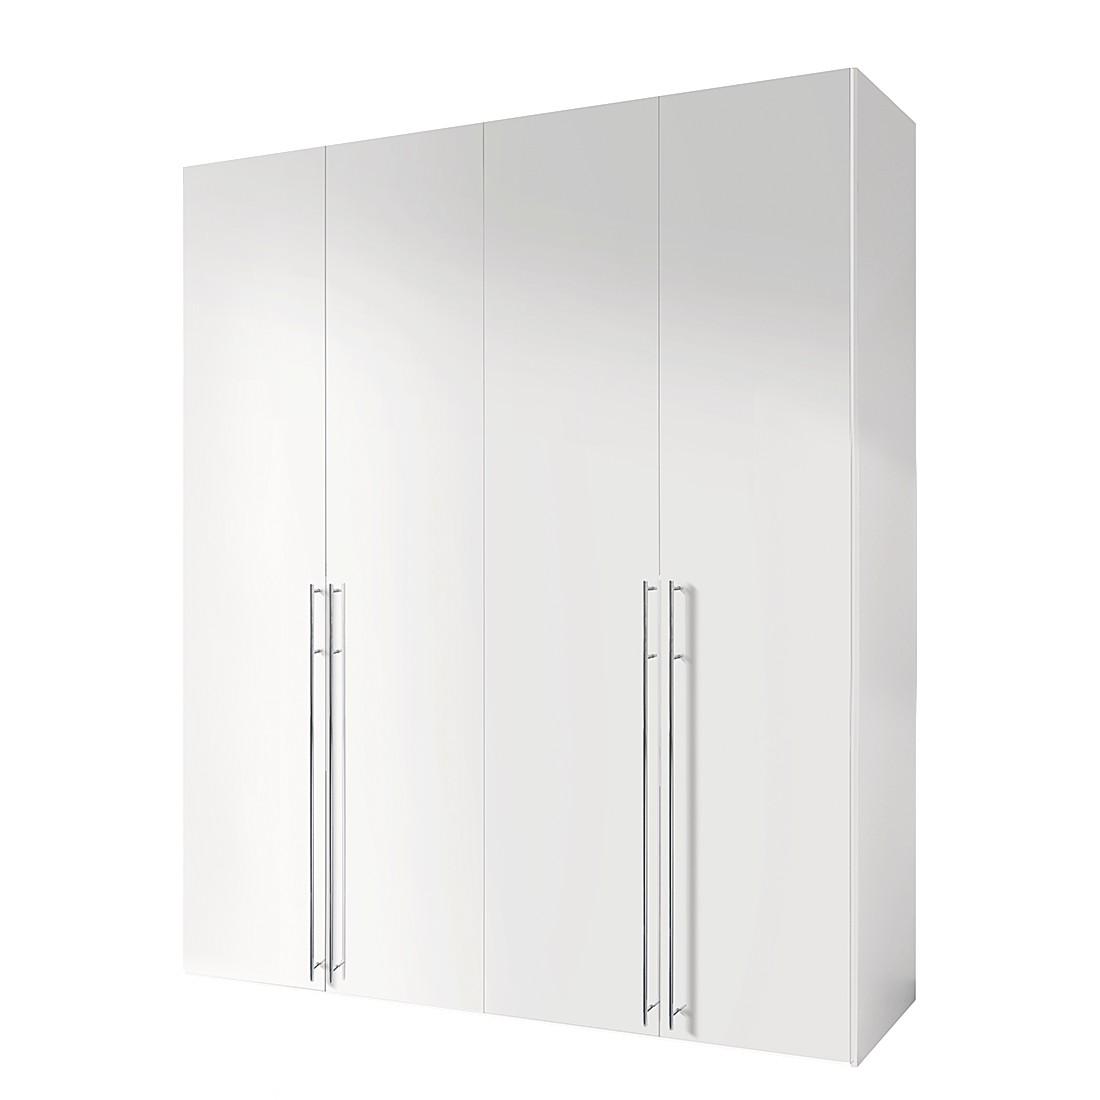 Draaideurkast Melva - polarwit - 200x216cm - 4-deurs, Express Möbel